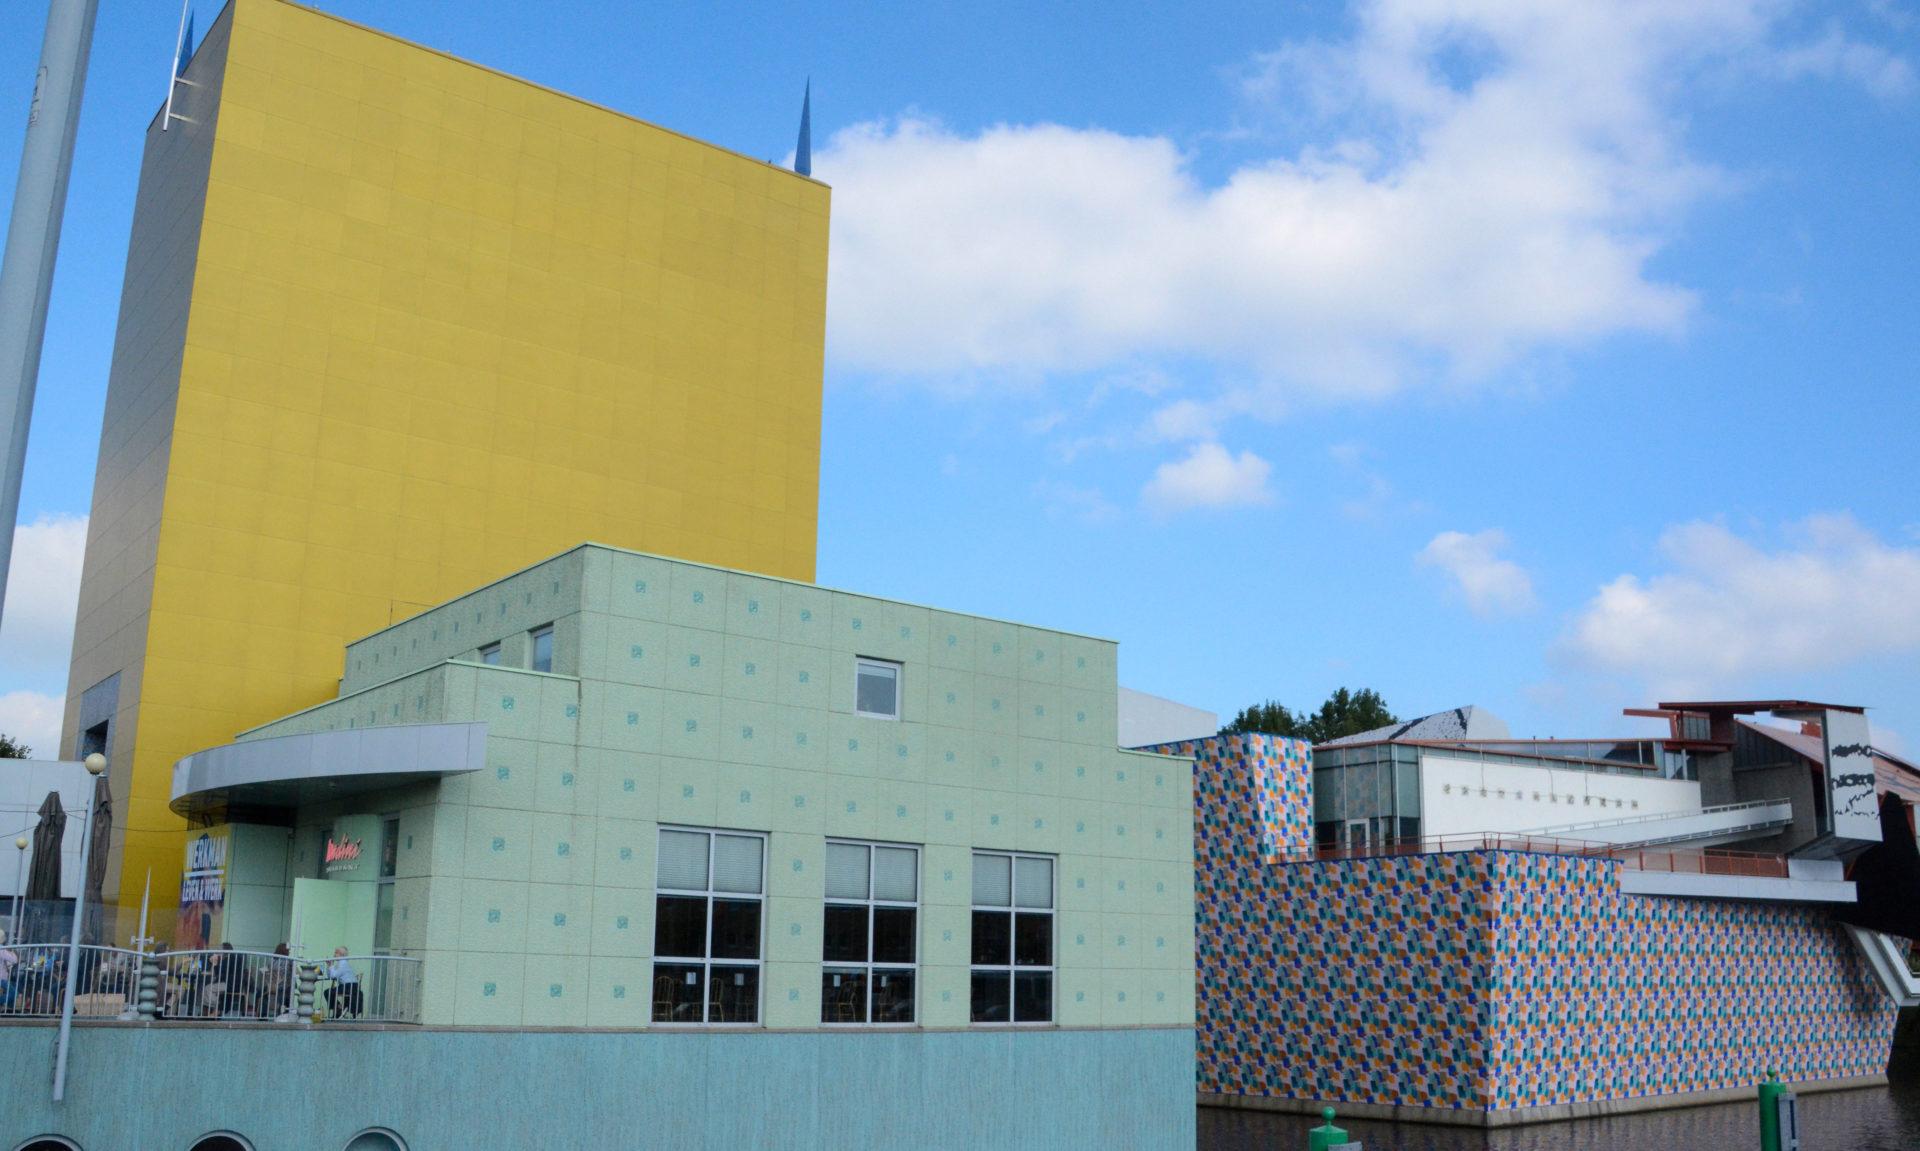 Das Groninger Museum mit seiner farbenfreudigen Fassade